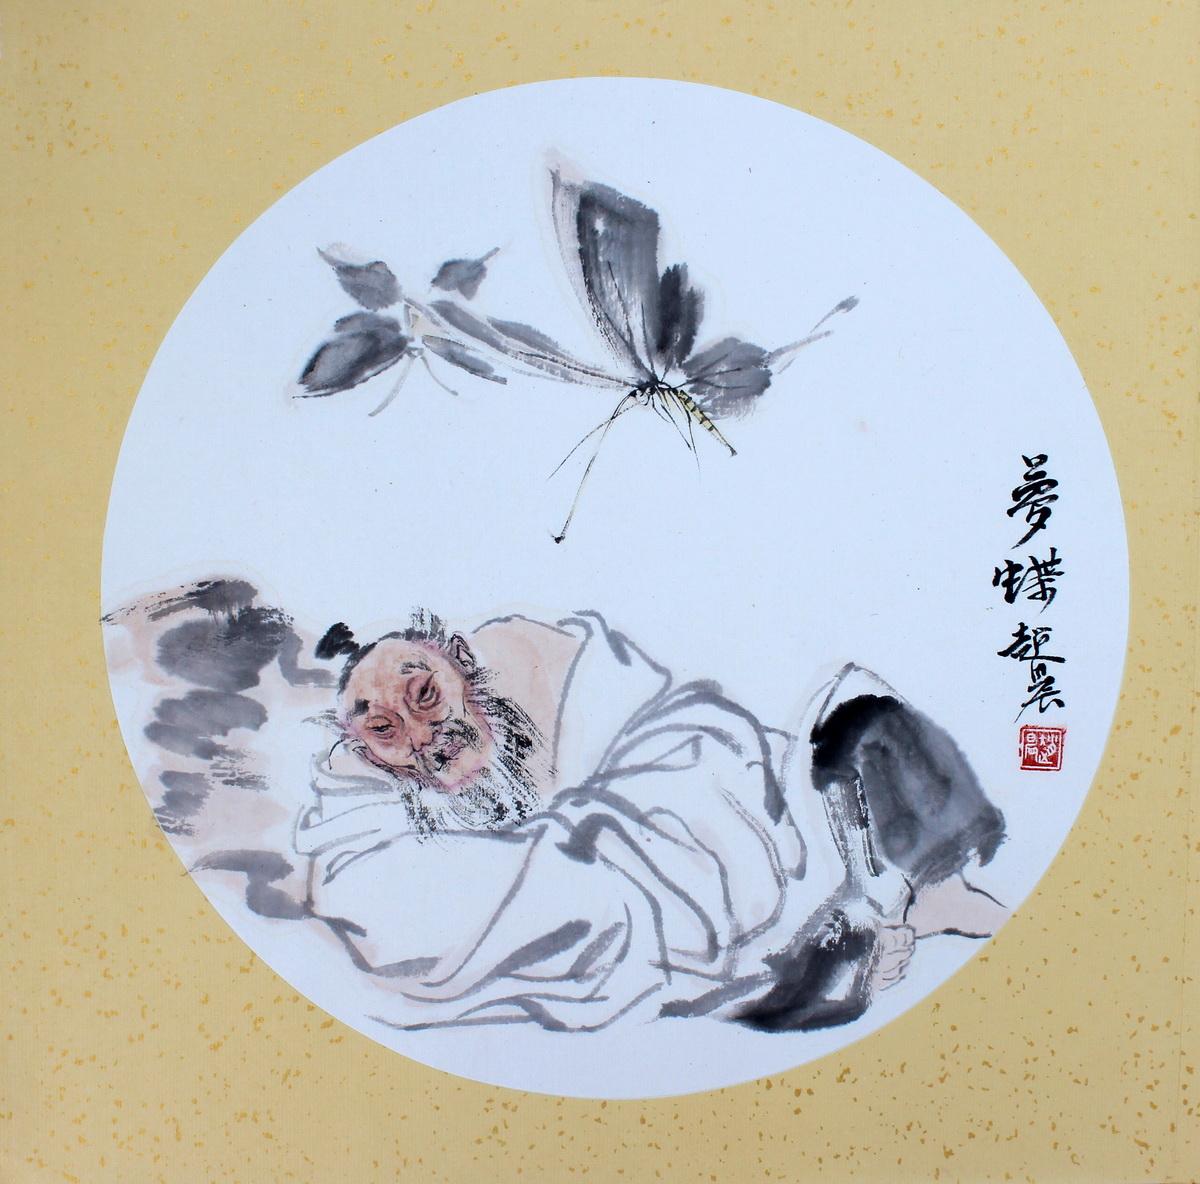 书画展厅 > 赵晨作品  提示:图片区域内滚动鼠标滚轮可以放大缩小作品